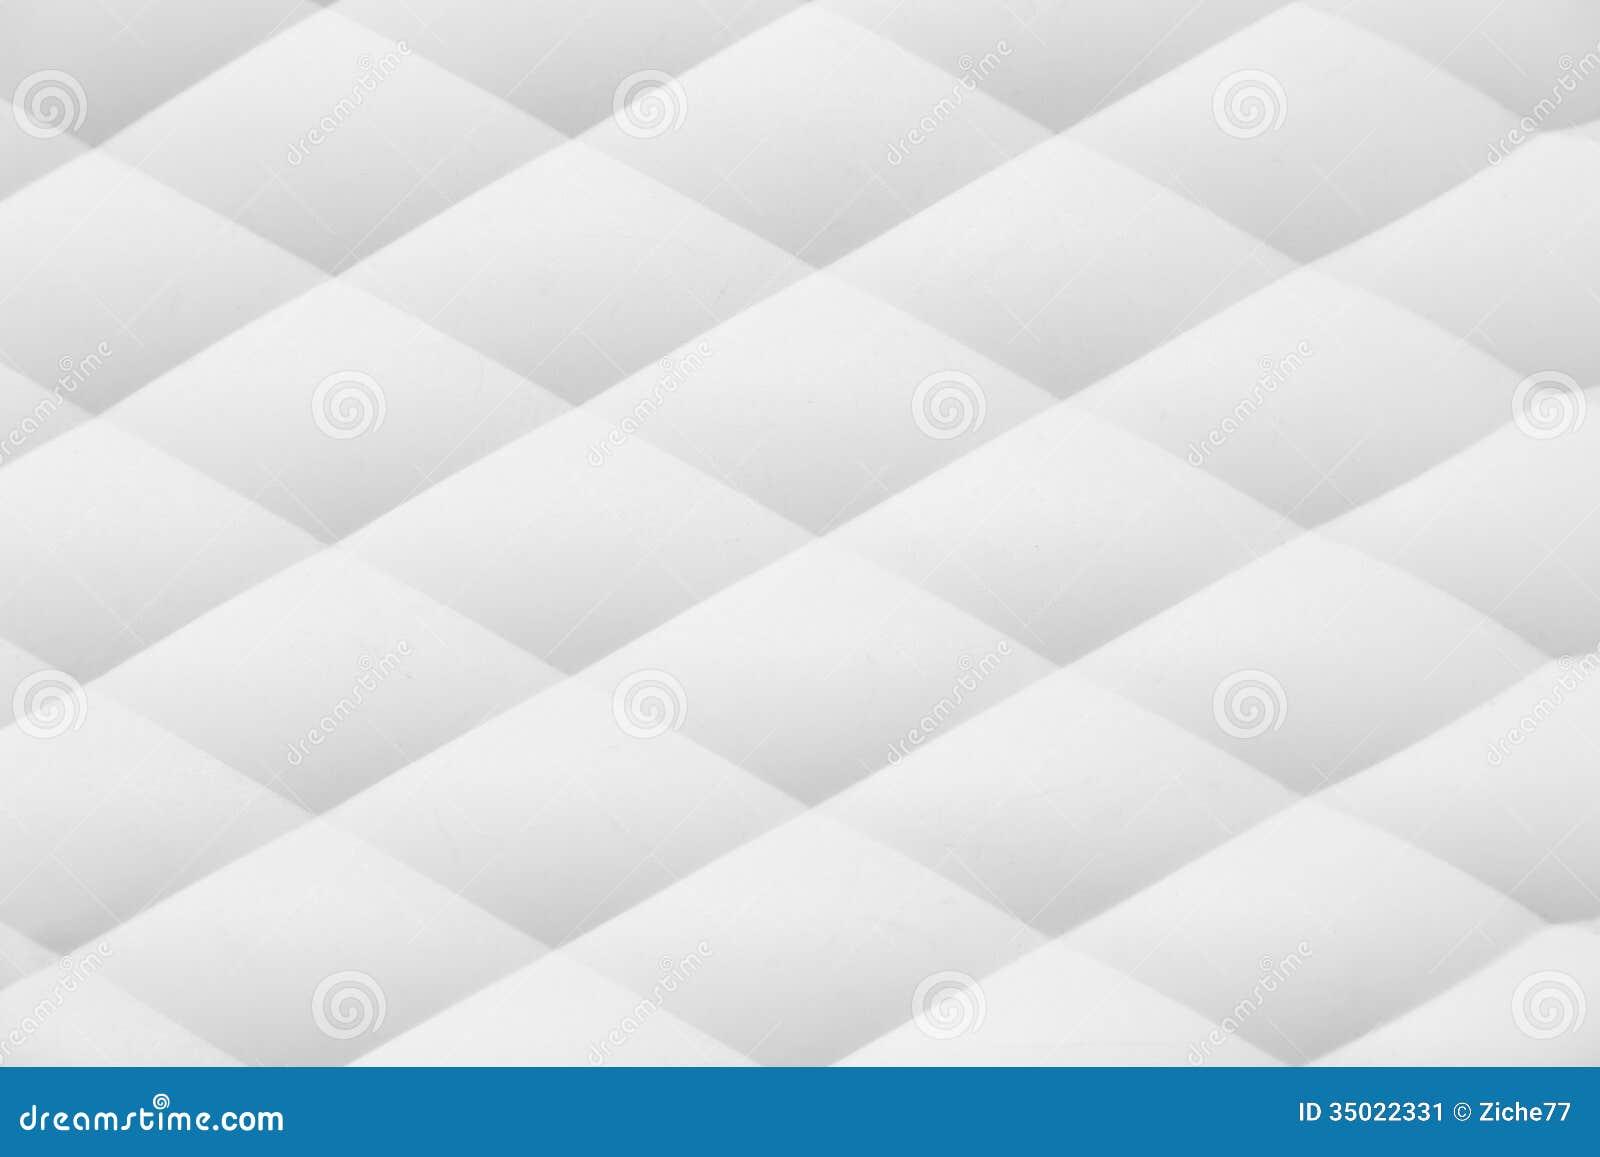 white diamond background - photo #8